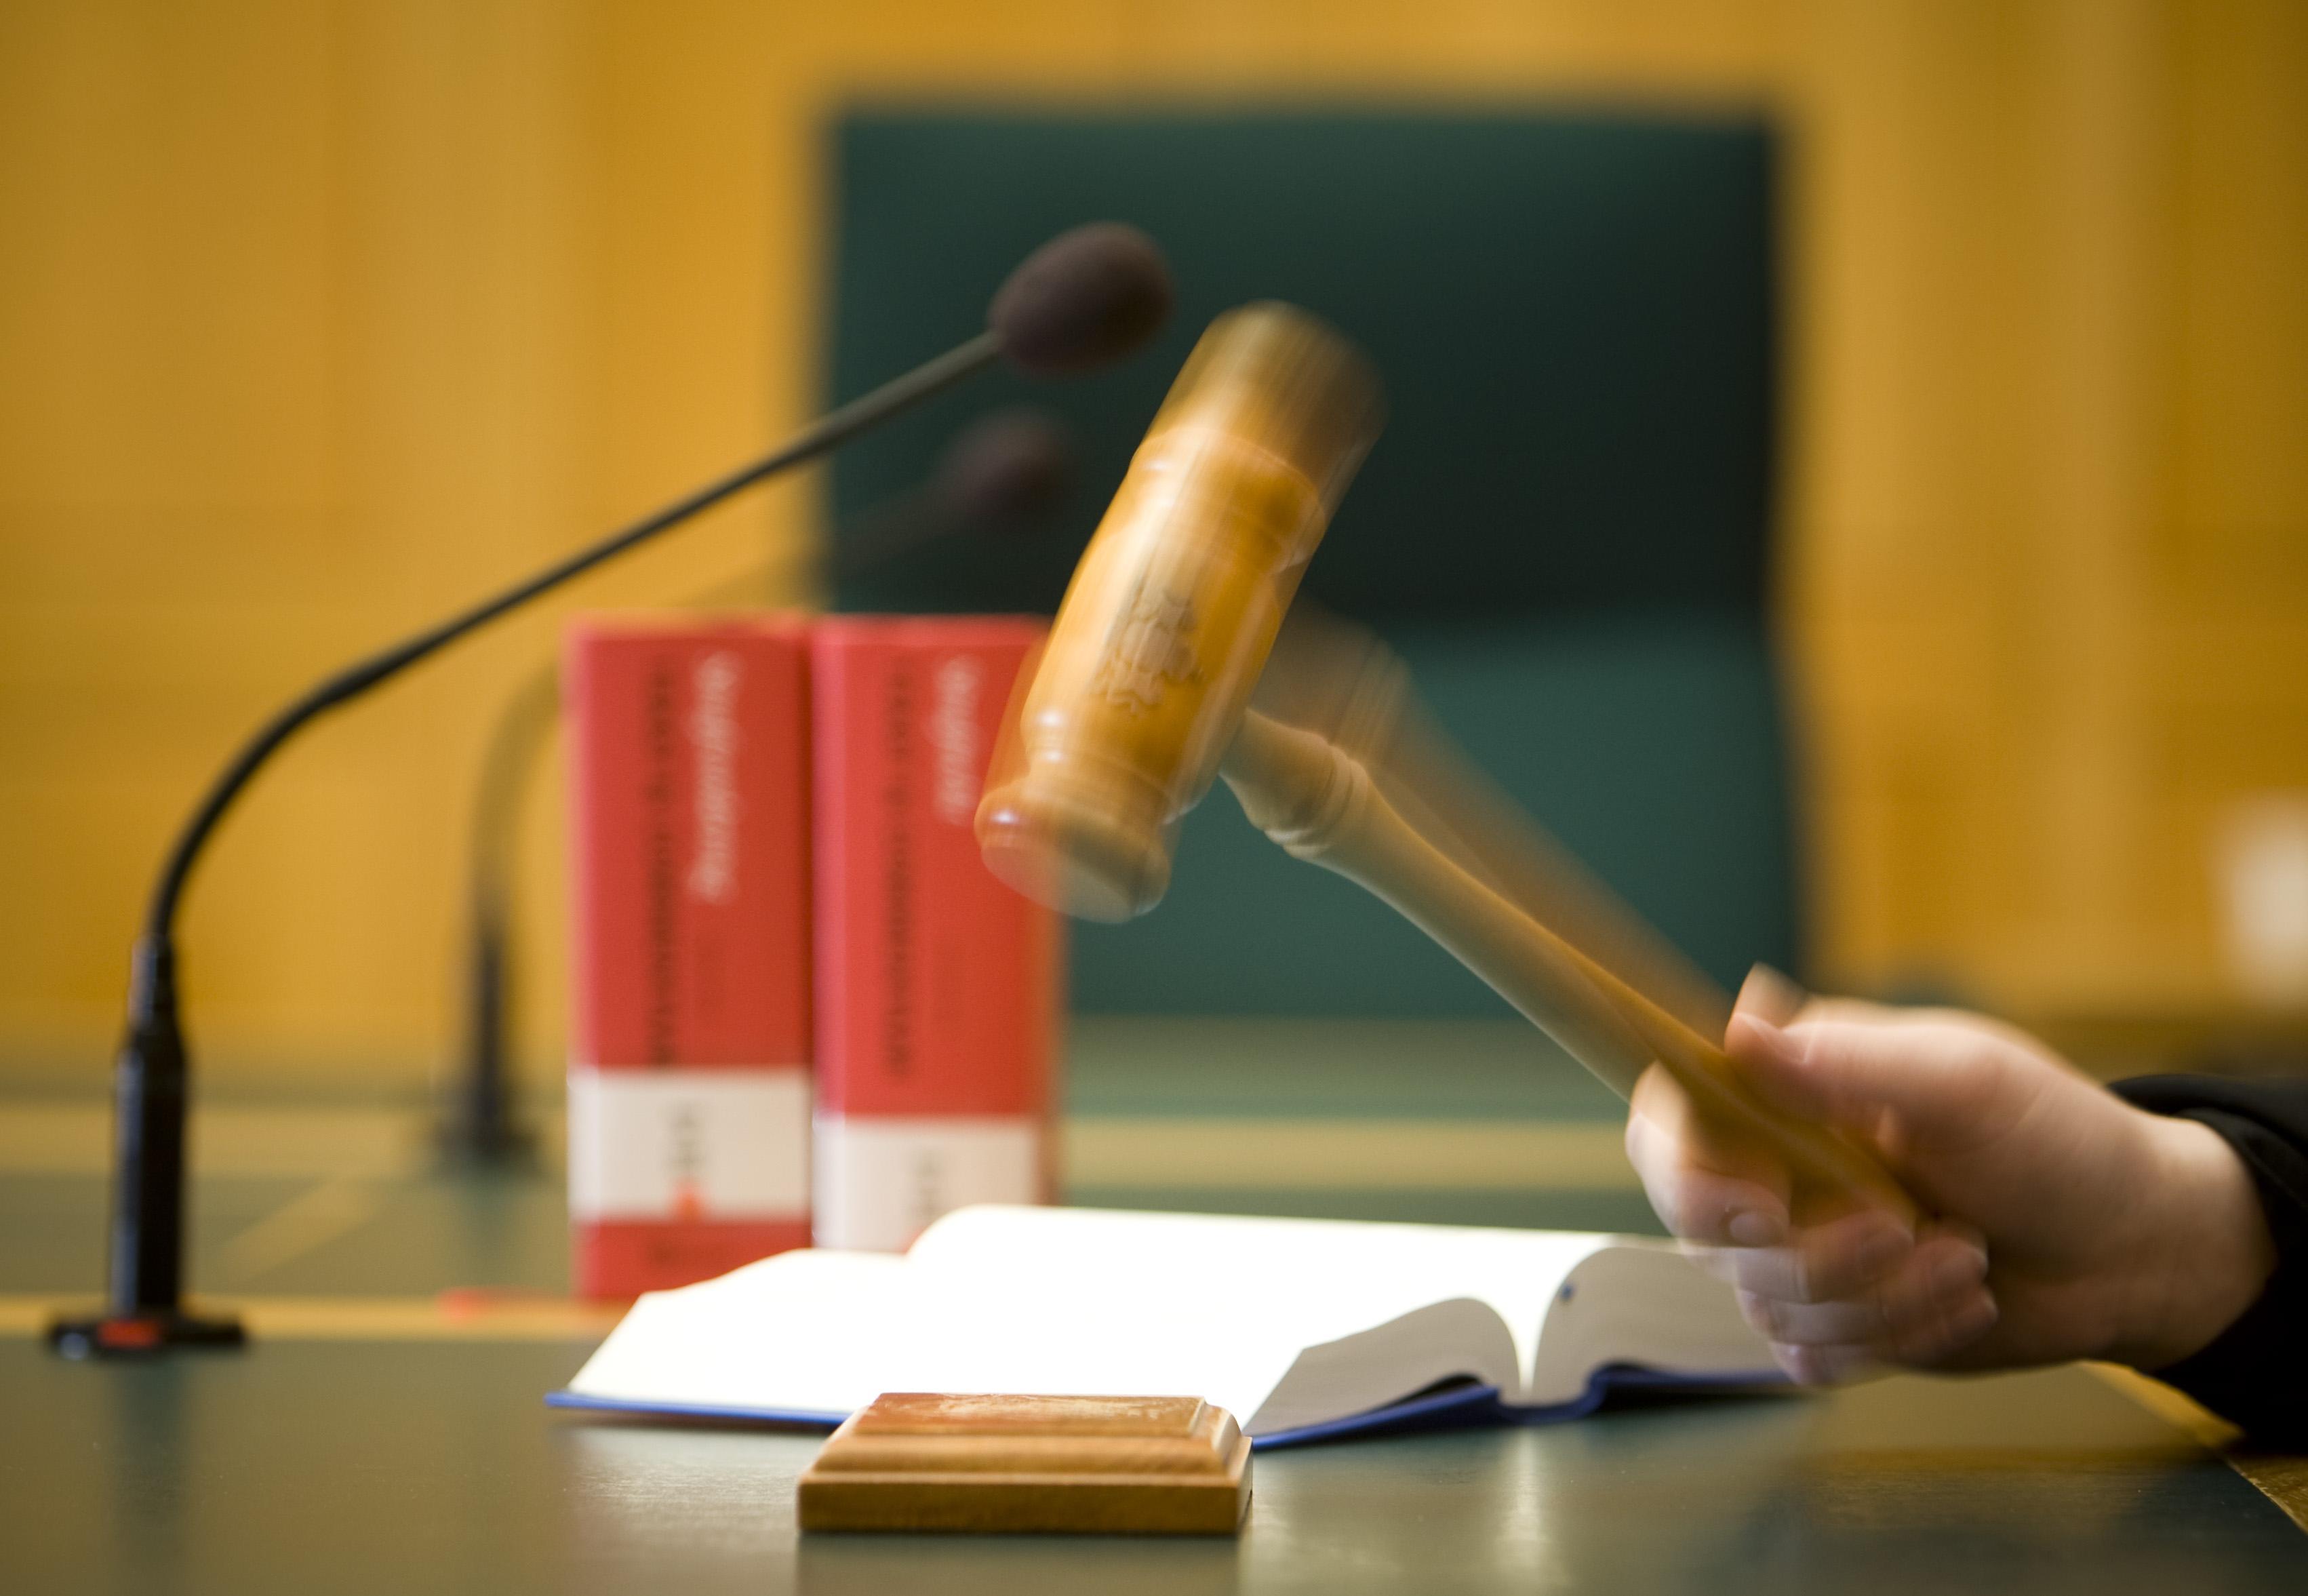 Bekende van de politie krijgt drie maanden cel voor het stelen van ruim driehonderd euro bij een apotheek in Den Helder. Ook moet hij nog een oude straf uitzitten